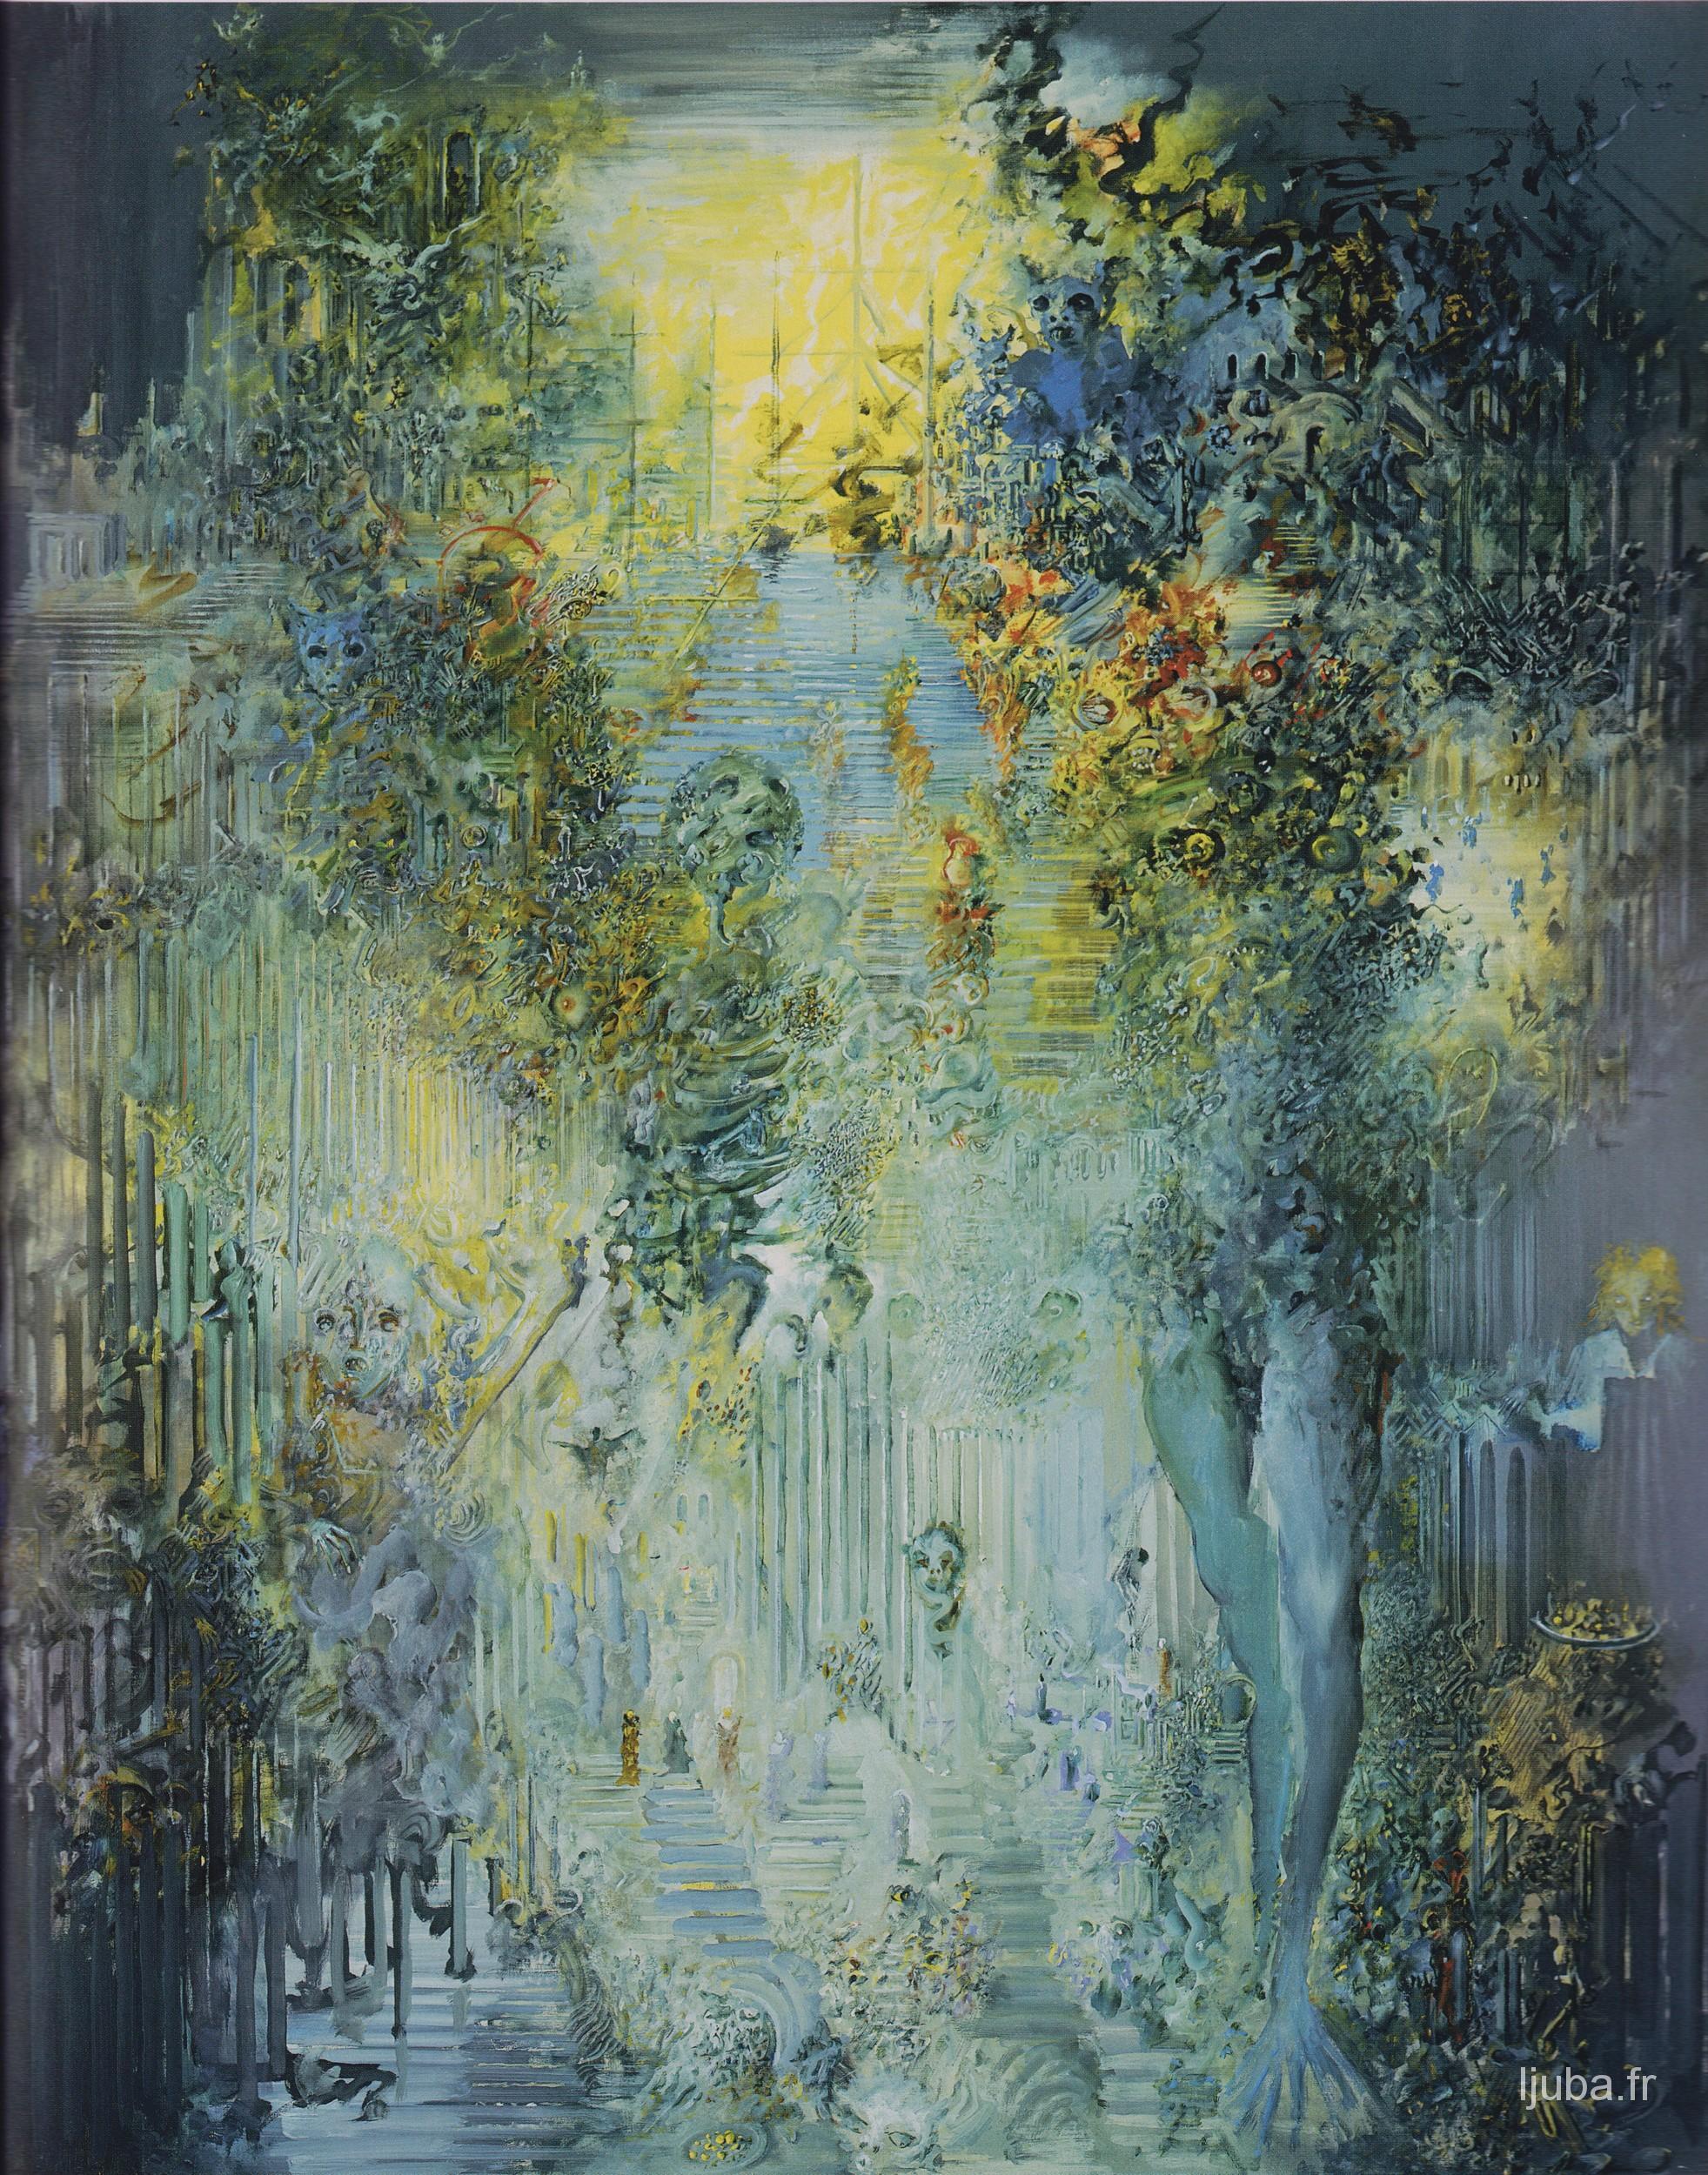 Ljuba Popovic - 2000-98, Les vaisseaux fantômes